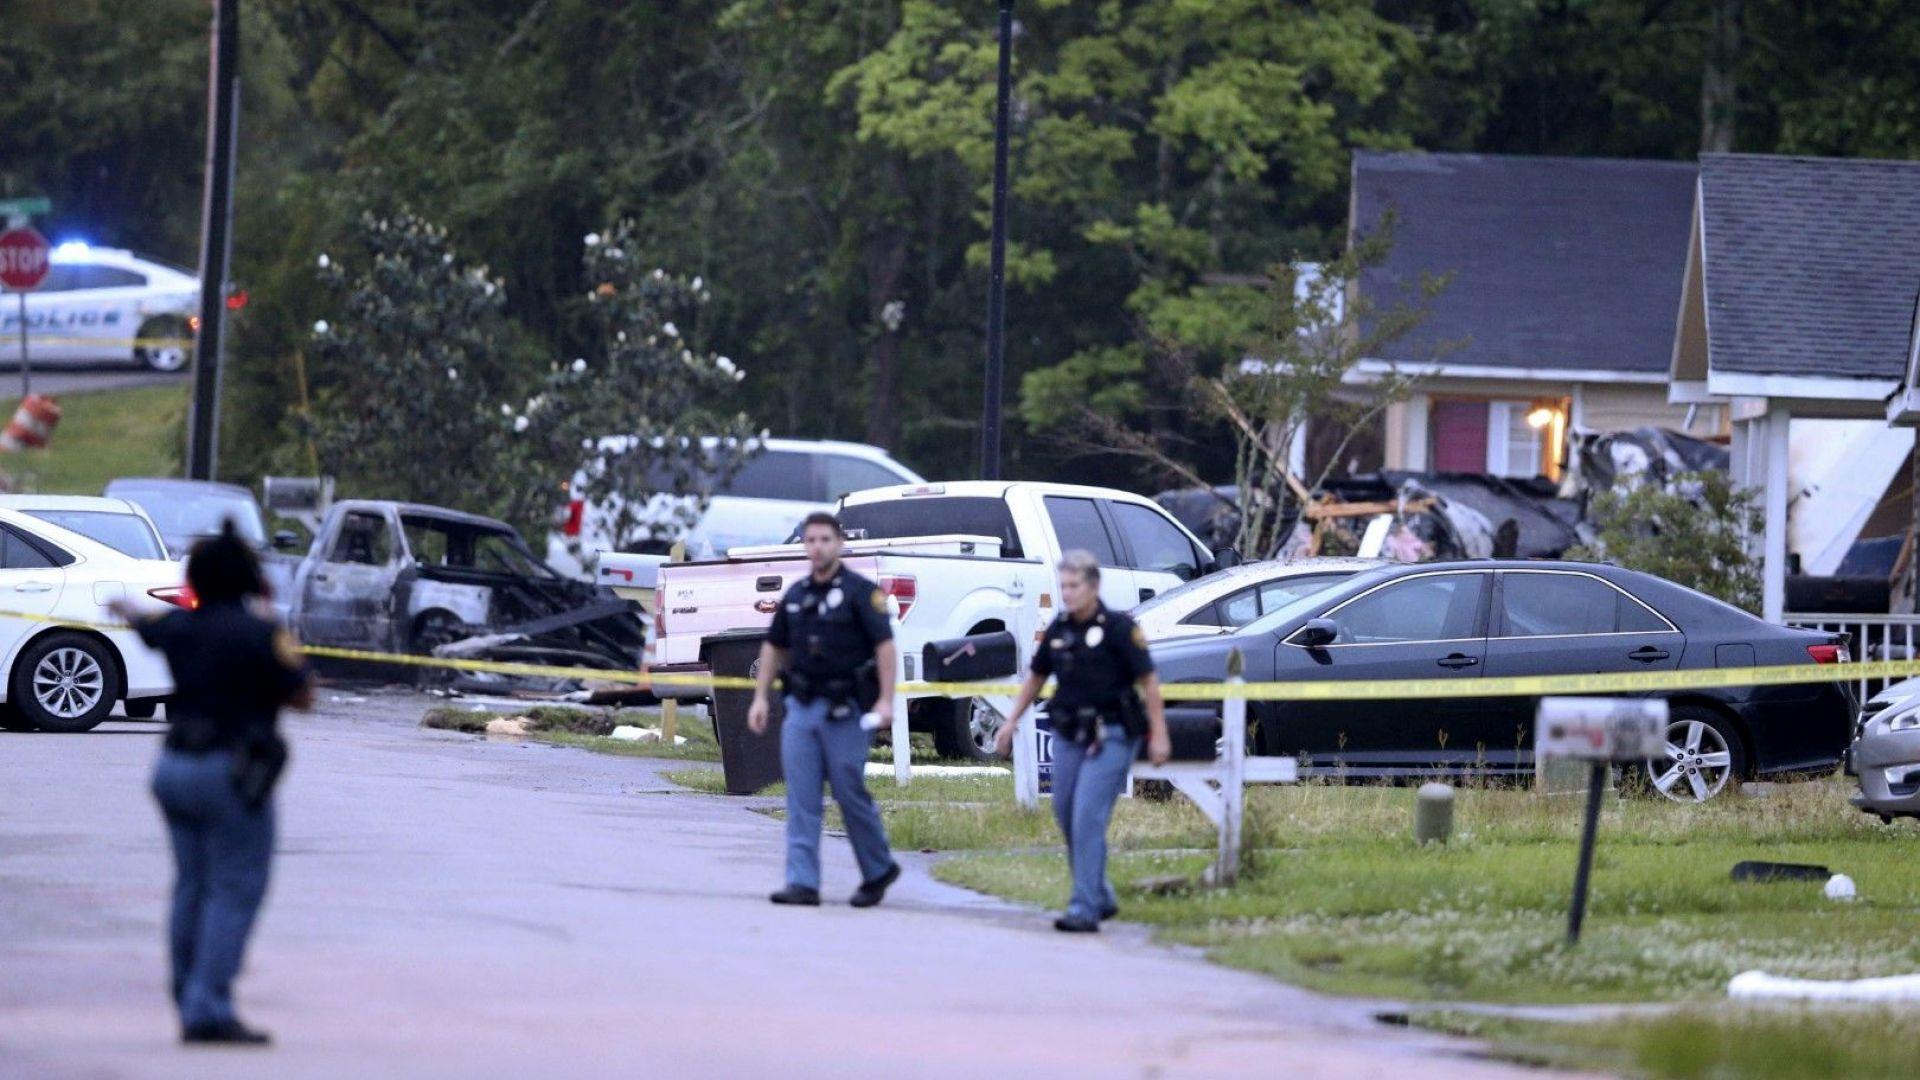 Малък самолет се разби в къща в Мисисипи, четирима загинаха, сред тях малко дете